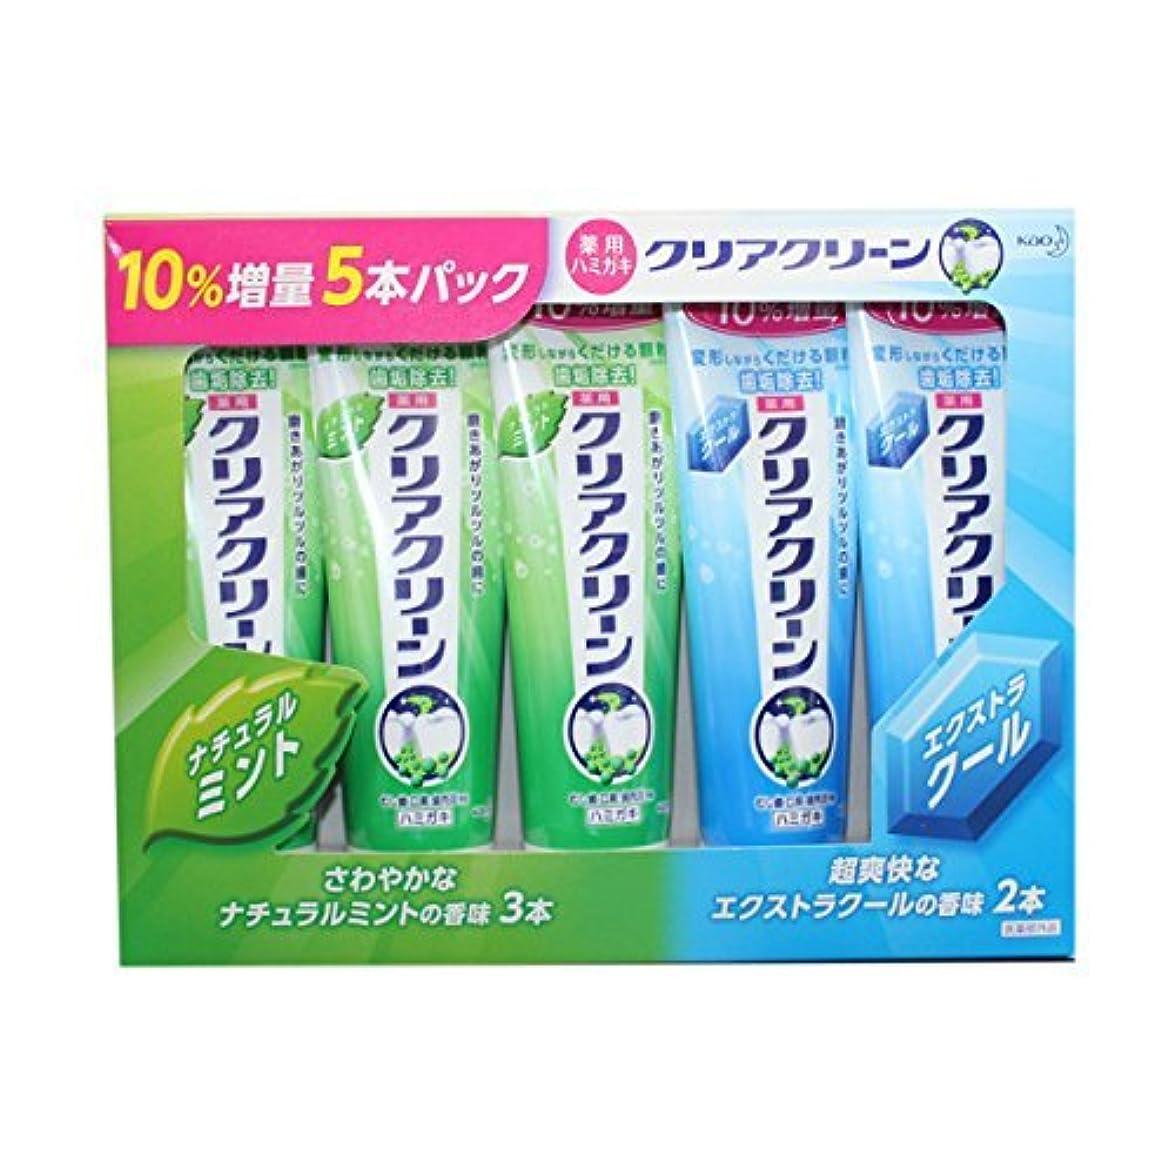 クリアクリーン 143gx5本セット(ナチュラルミントx3/エクストラクールx2) 10%増量セット 歯磨き粉